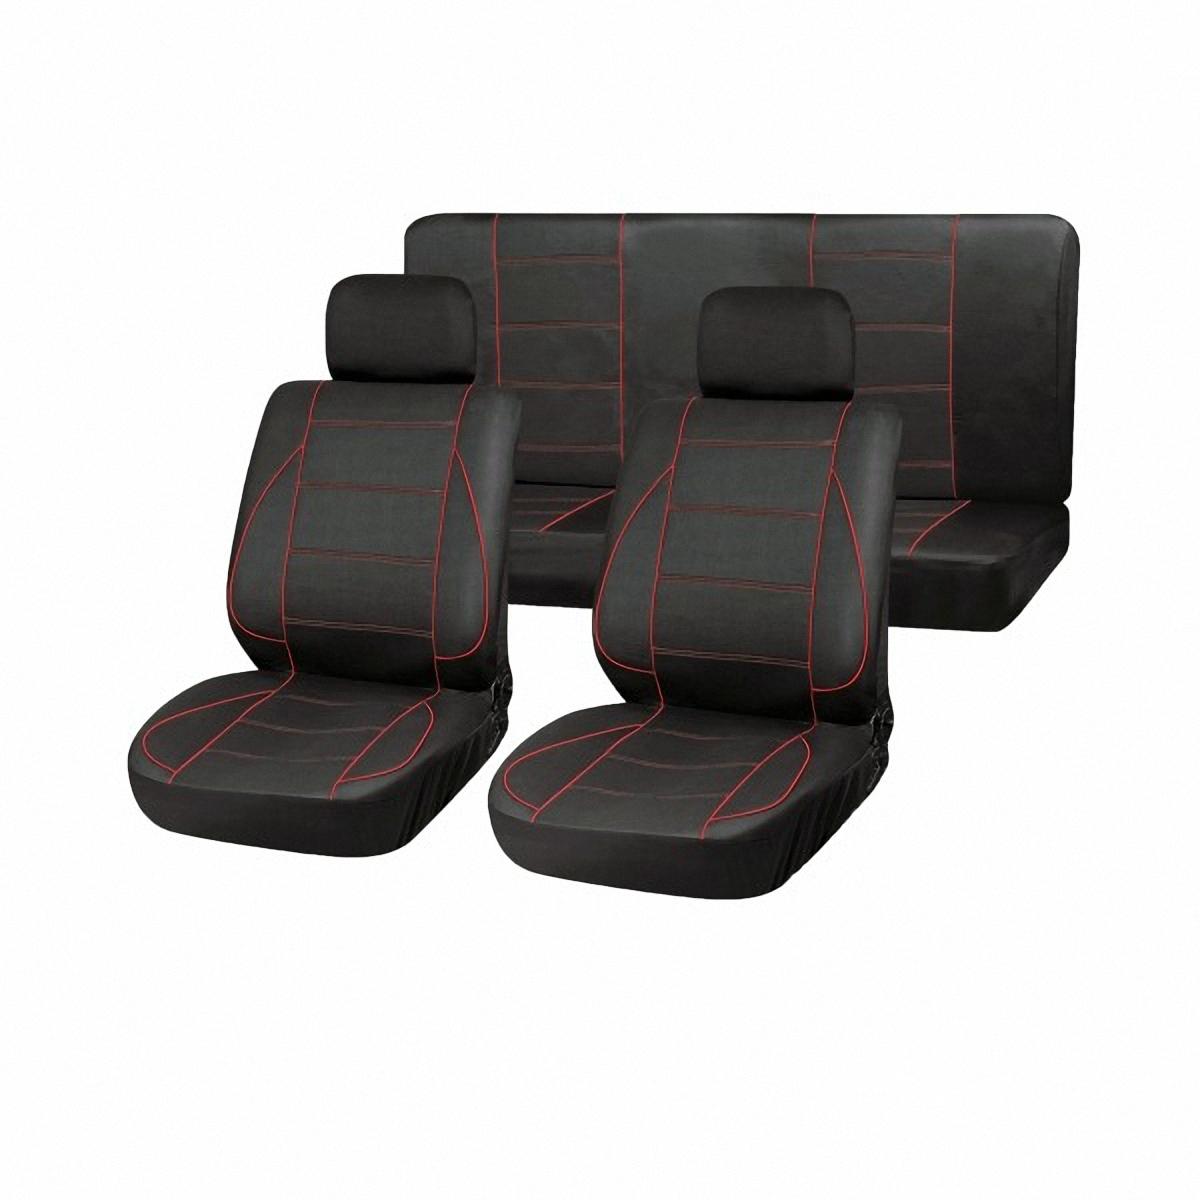 Чехлы автомобильные Skyway. SW-101070 BK/RD/S01301022 чехол на сиденье autoprofi mtx 1105 bk rd m